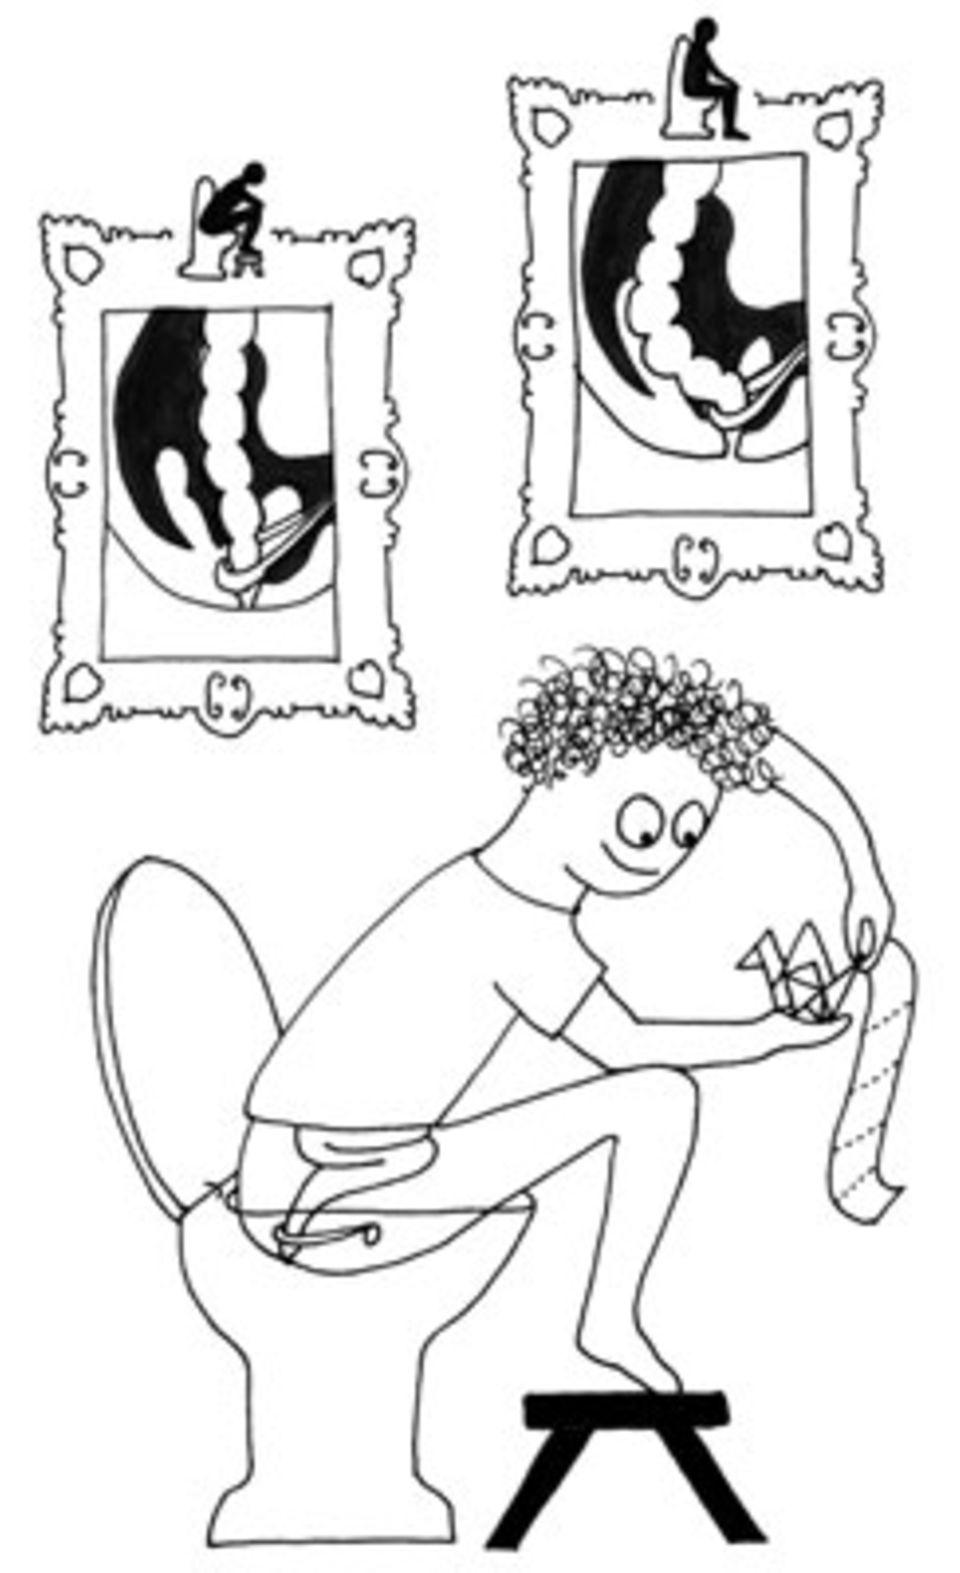 Alles eine Frage der Haltung: Auf der Toilette sitzend macht unser Darm einen Knick und kann sich nicht völlig entleeren - anders als beim Hocken im Freien. Alternativ tut es aber auch ein kleiner Hocker vor dem Klo und ein vorgebeugter Oberkörper.